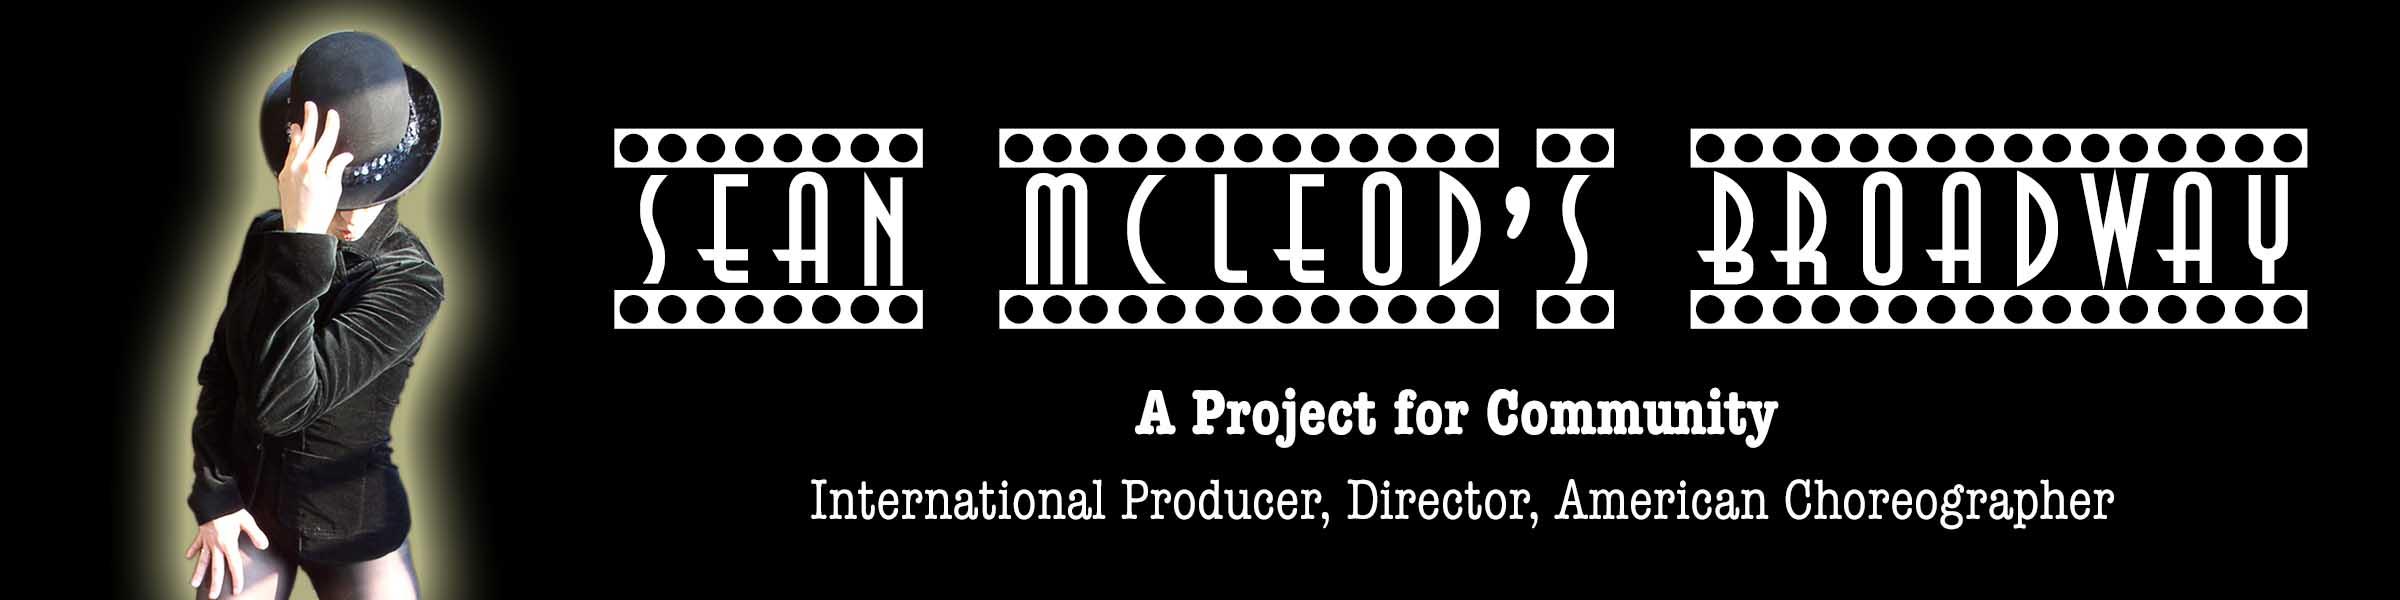 sean-mcleods-broadway-website-banner-web